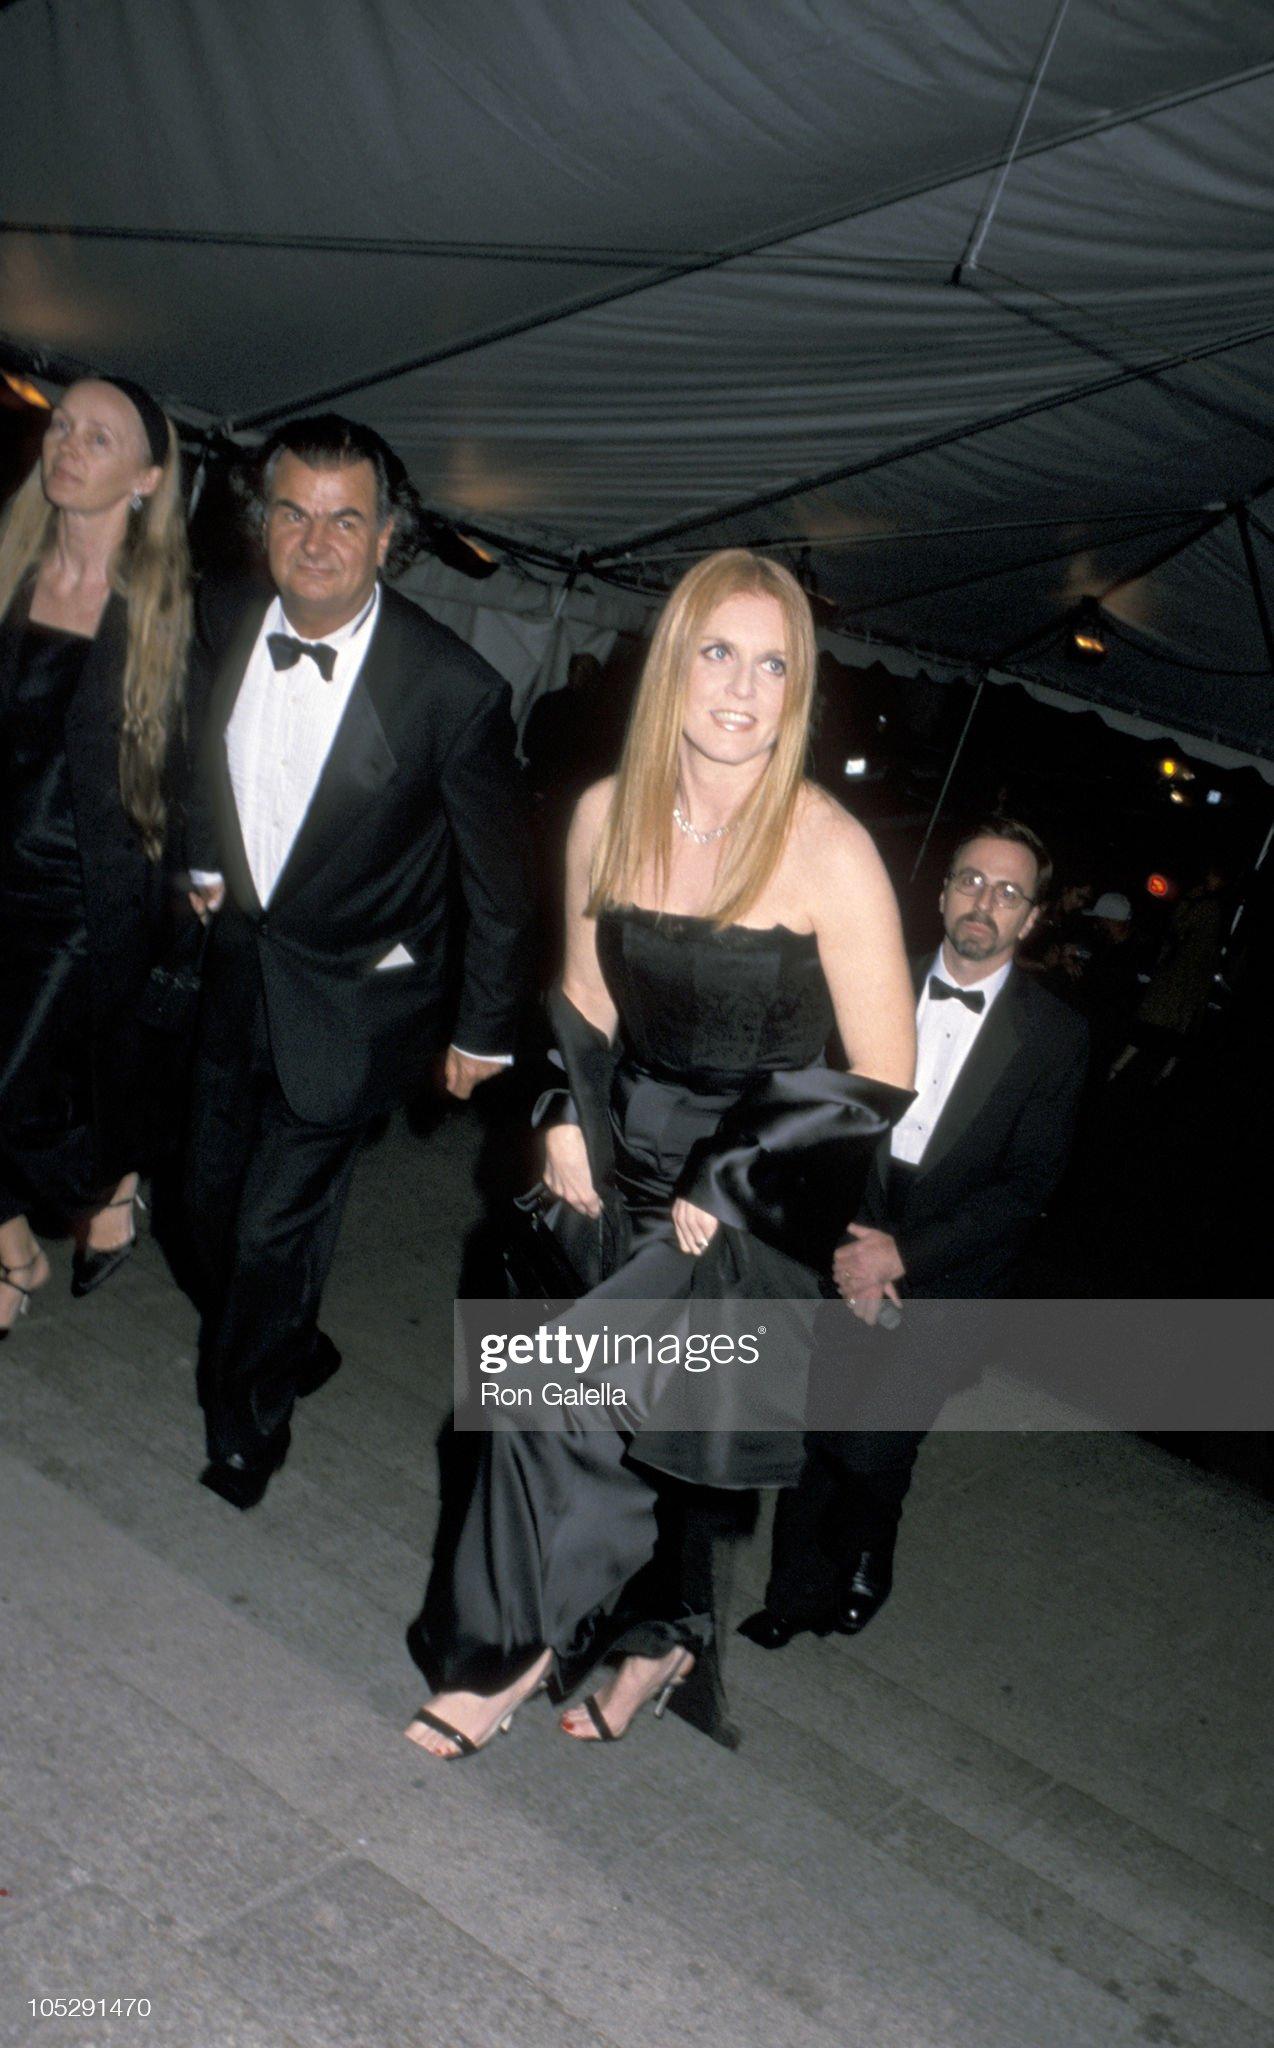 Вечерние наряды Отем пока еще Филлипс и Сары Йоркской 50th Anniversary Costume Institute Gala : News Photo